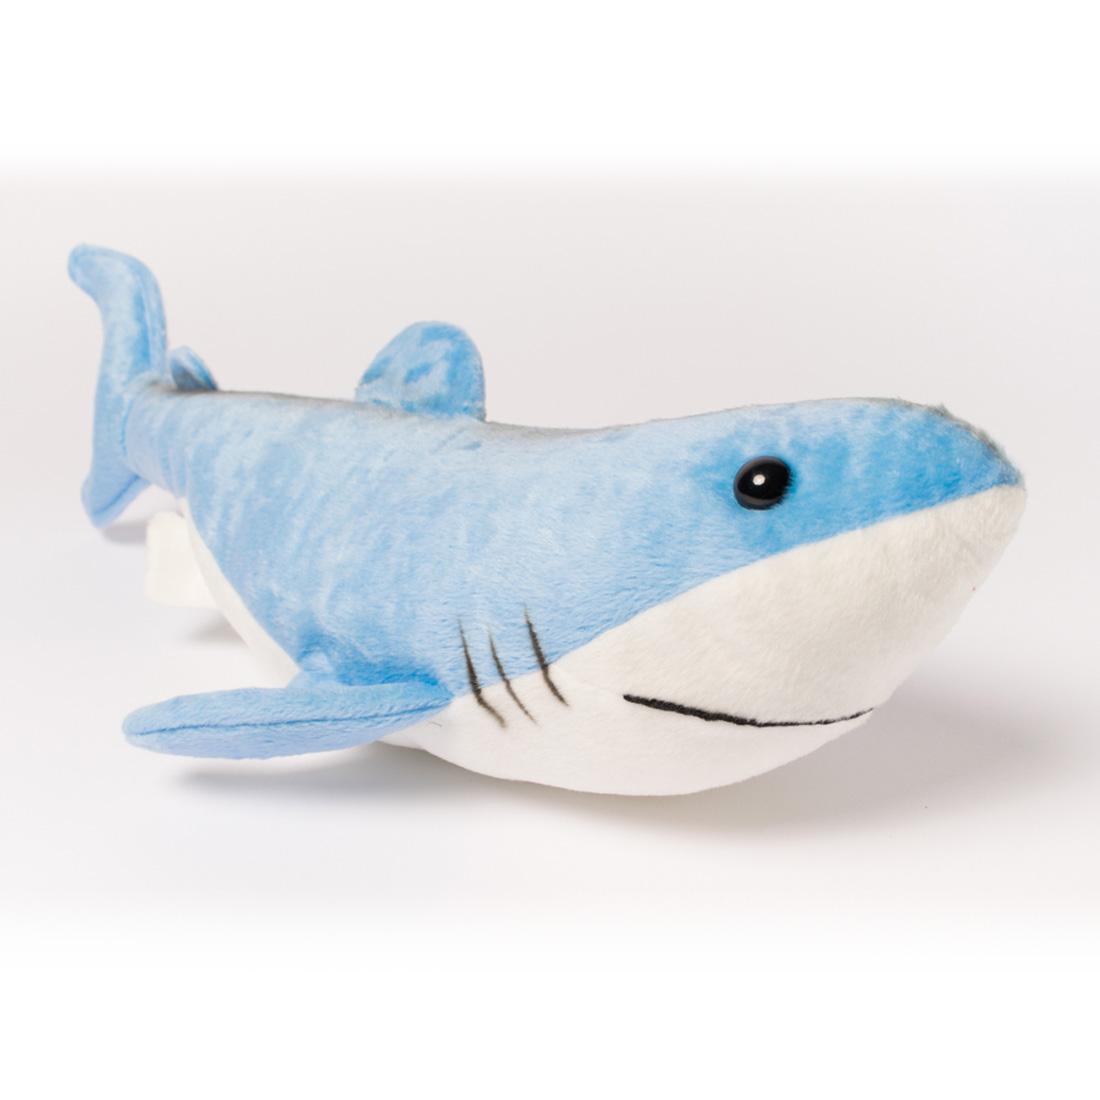 Cabin Critters – Mako Shark | アオザメ